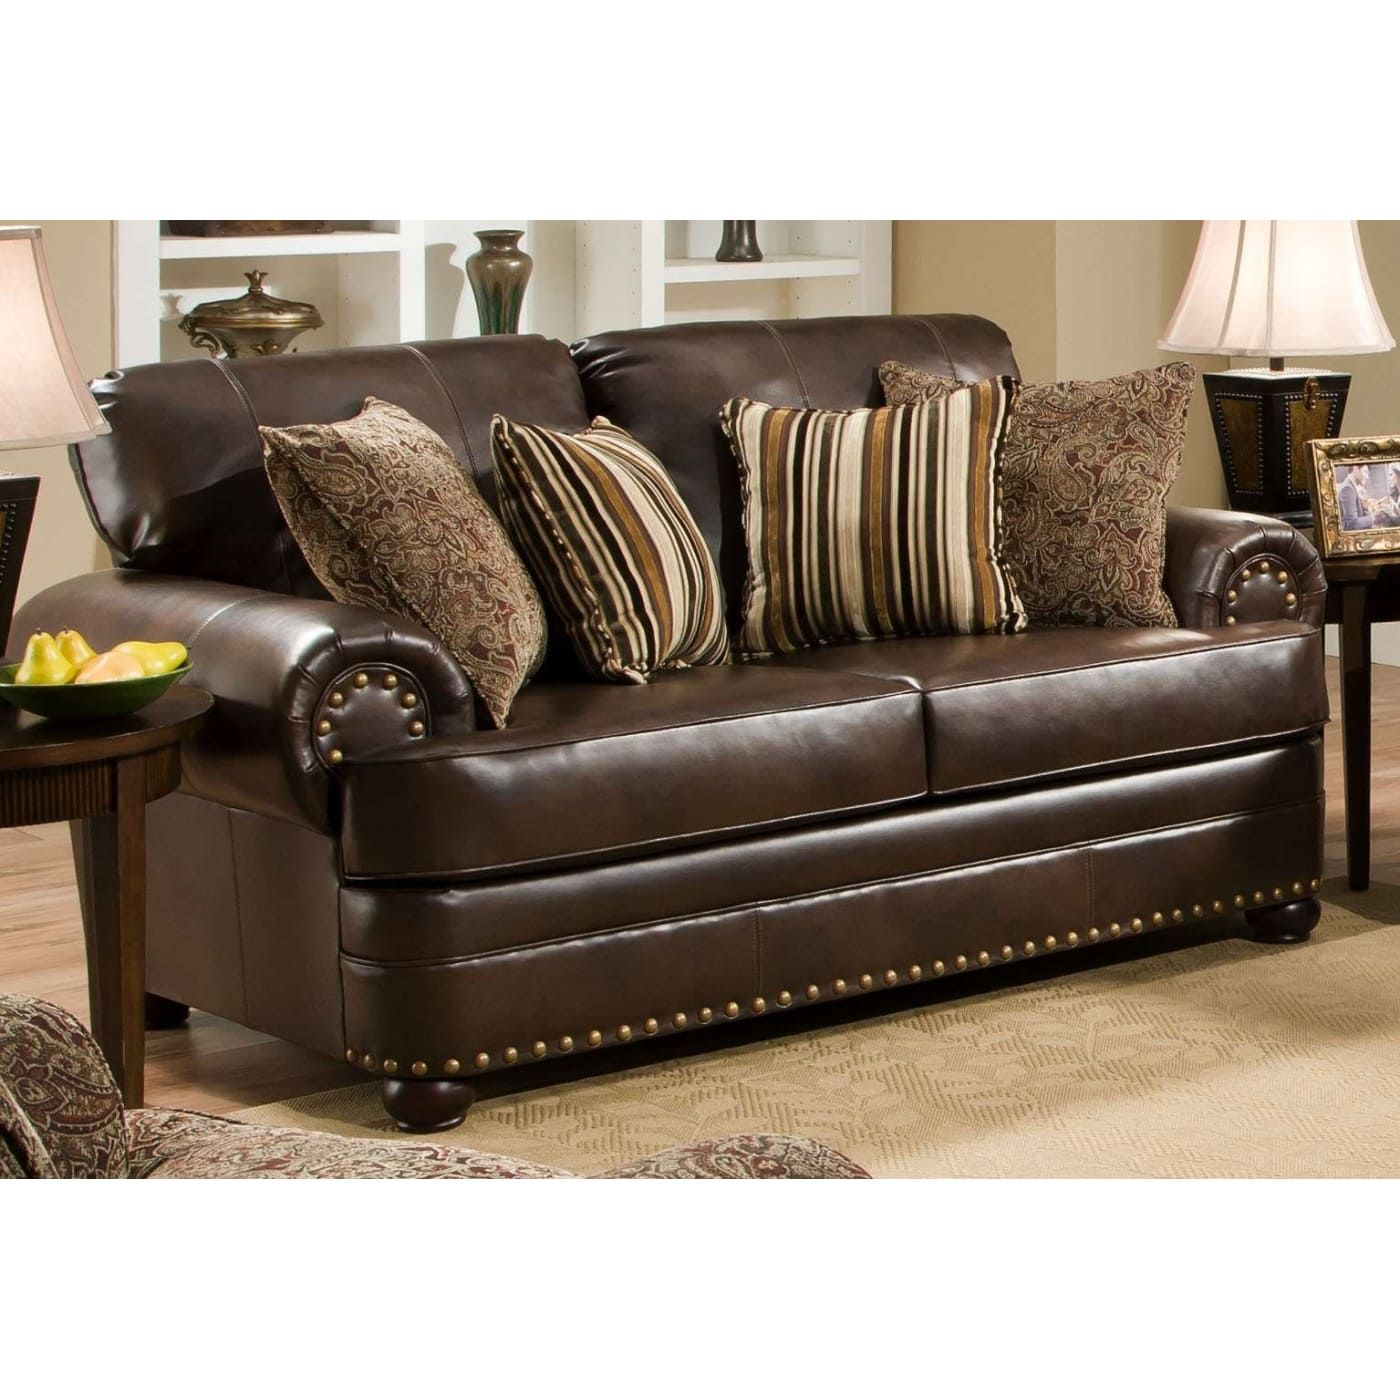 Simmons 7531 02 Saddle Leather Sofa